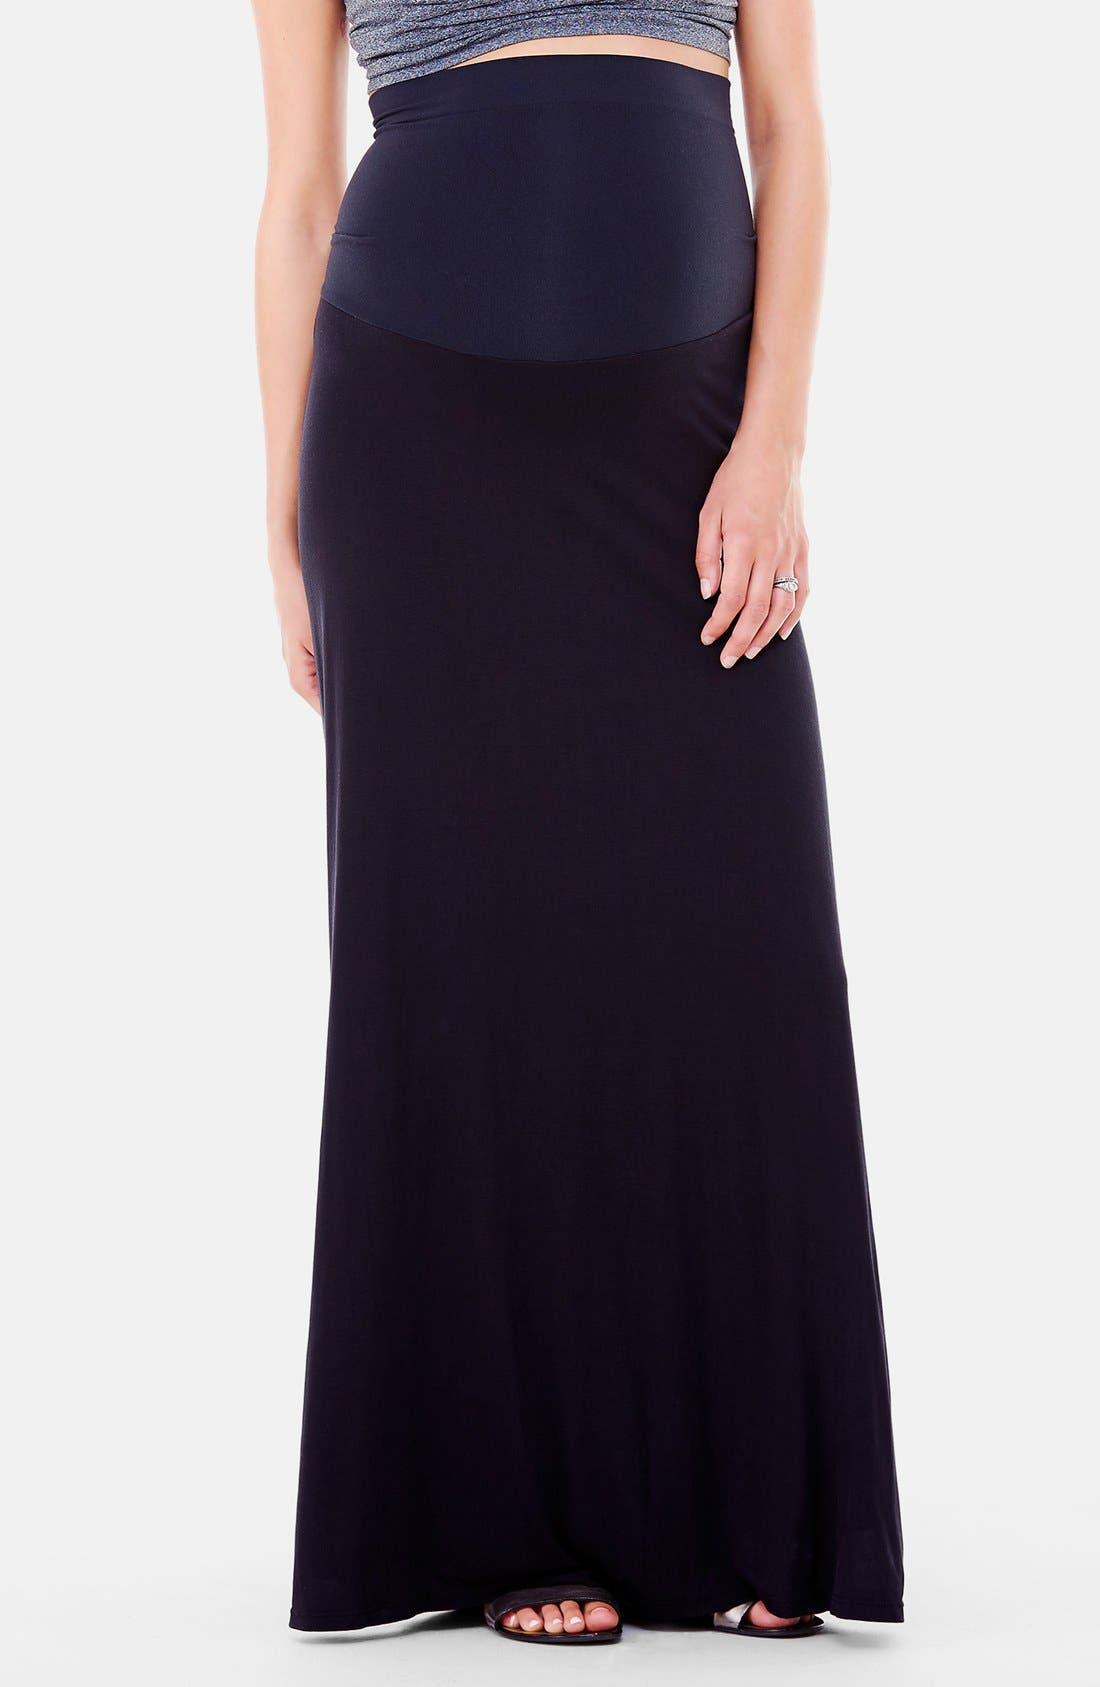 Main Image - Ingrid & Isabel®'Flowy' Maxi Maternity Skirt